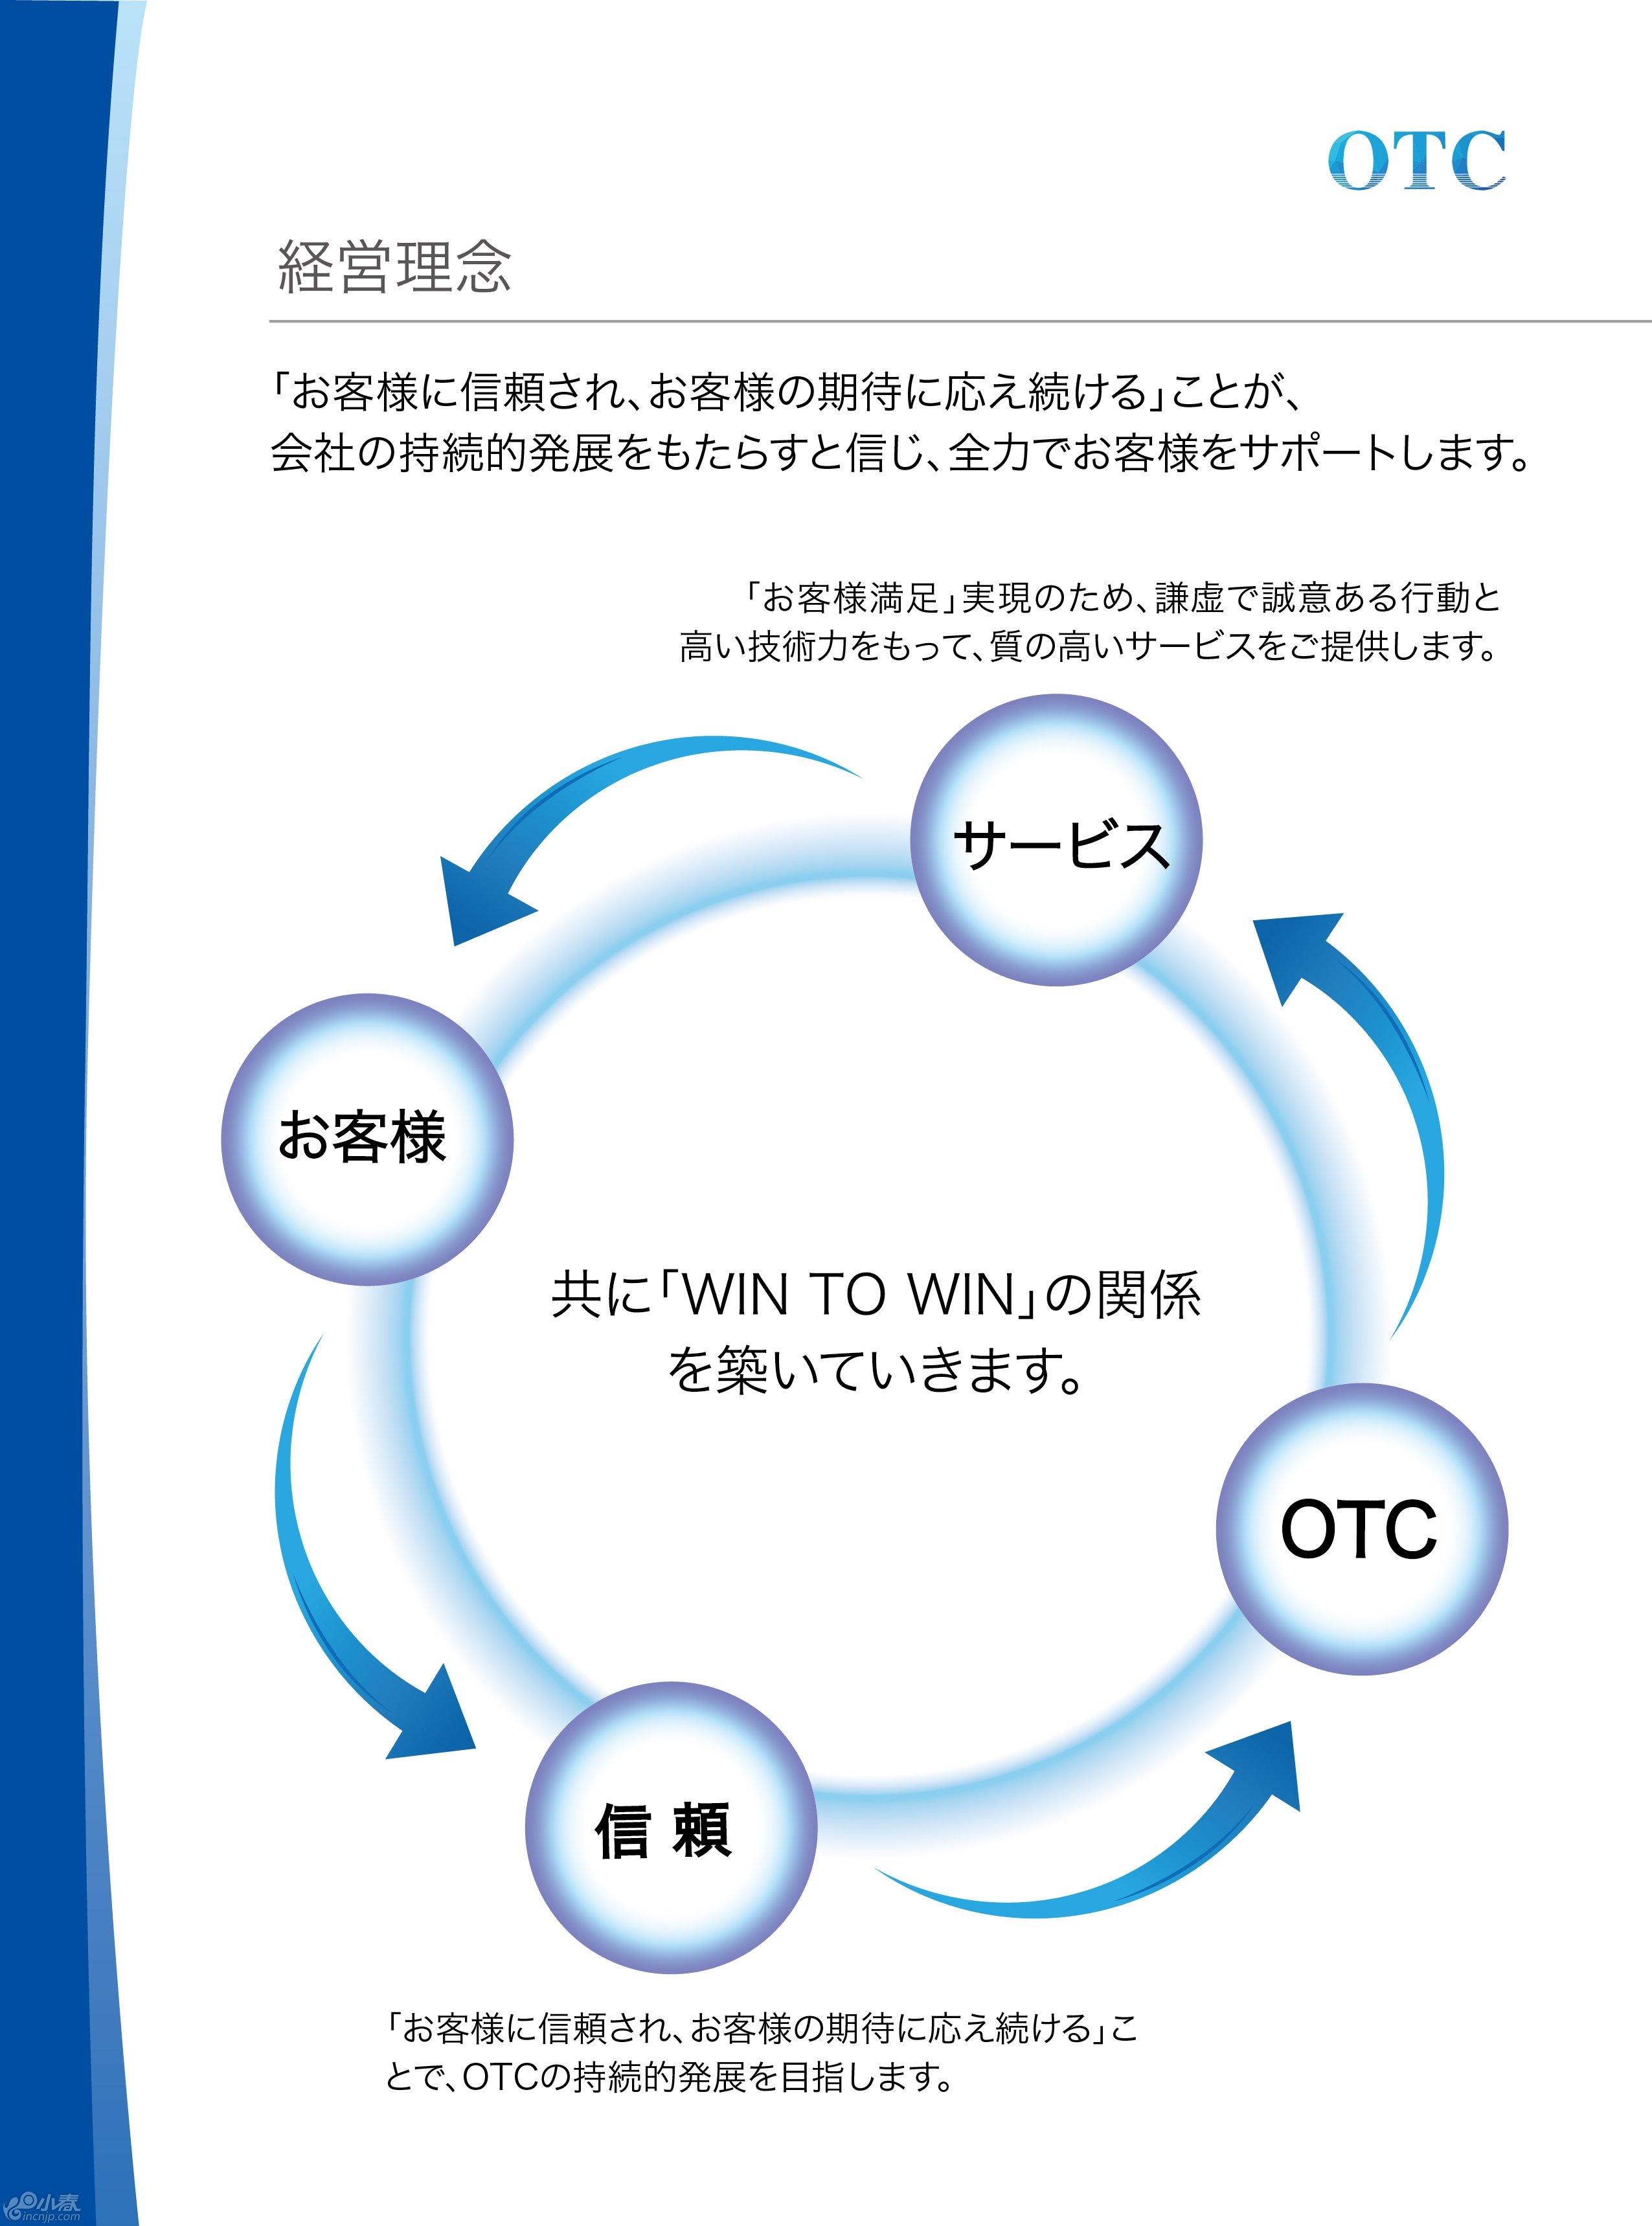 会社案内(OTC)-03.jpg